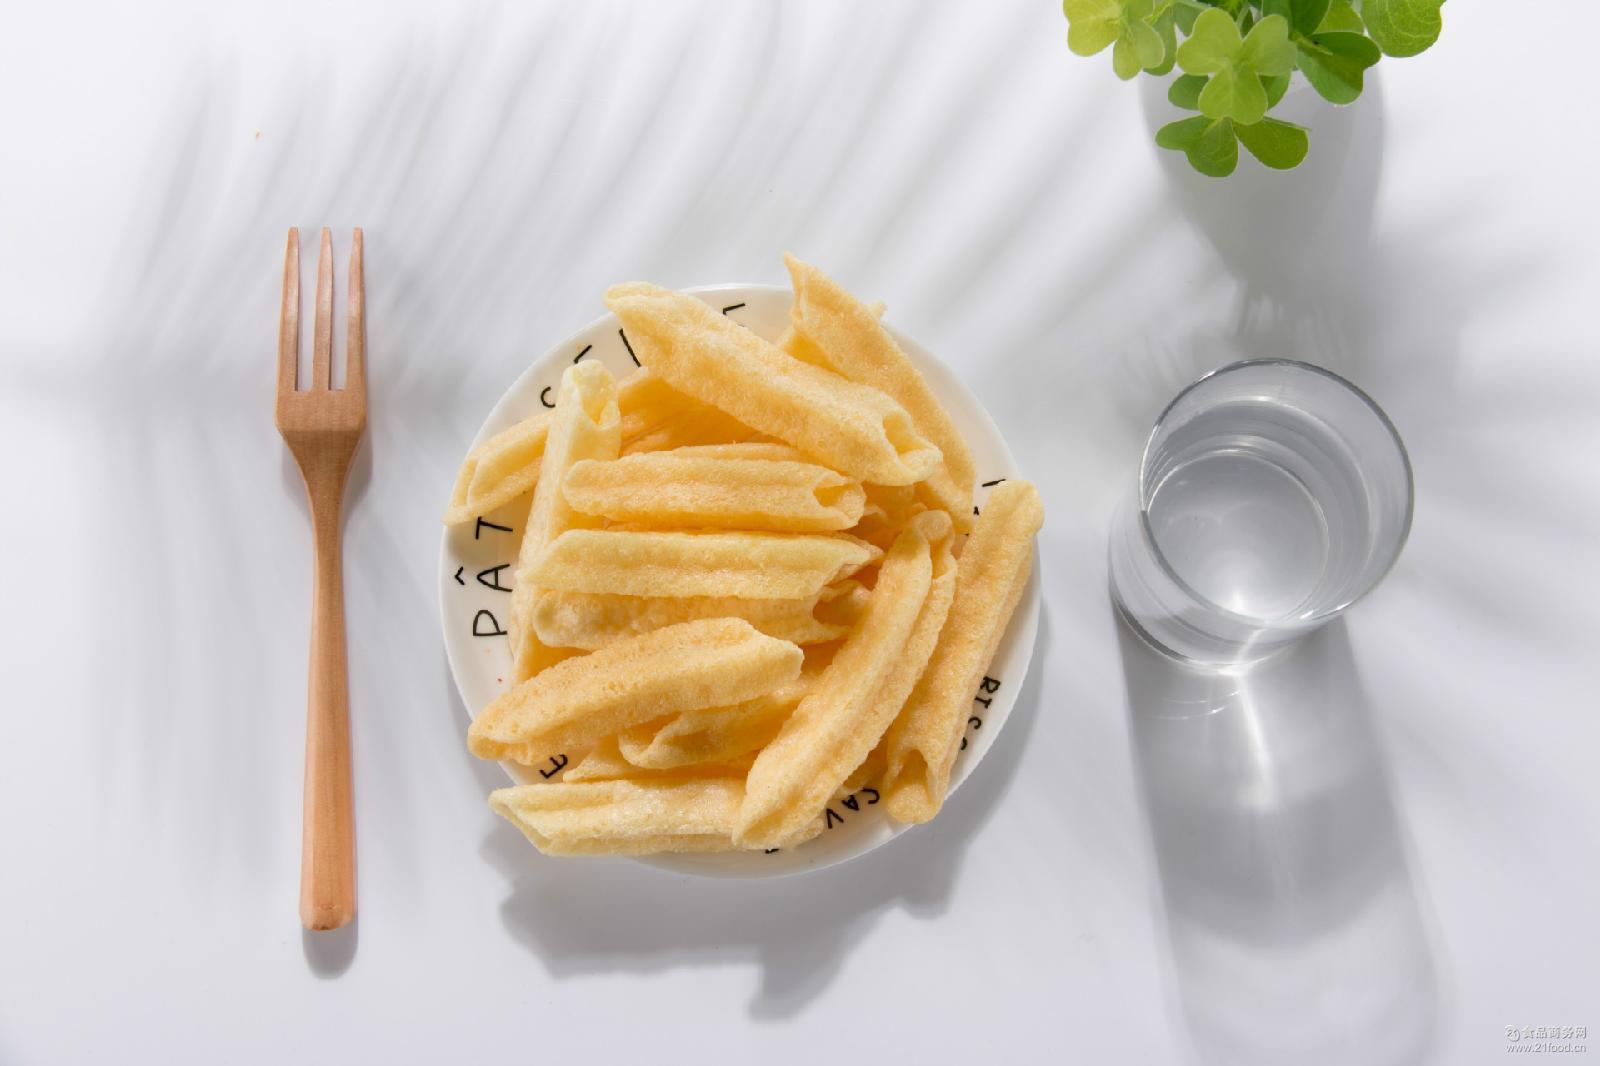 酥脆油炸 膨化空心薯条薯片胚料半成品 厂家直销膨化食品 成品